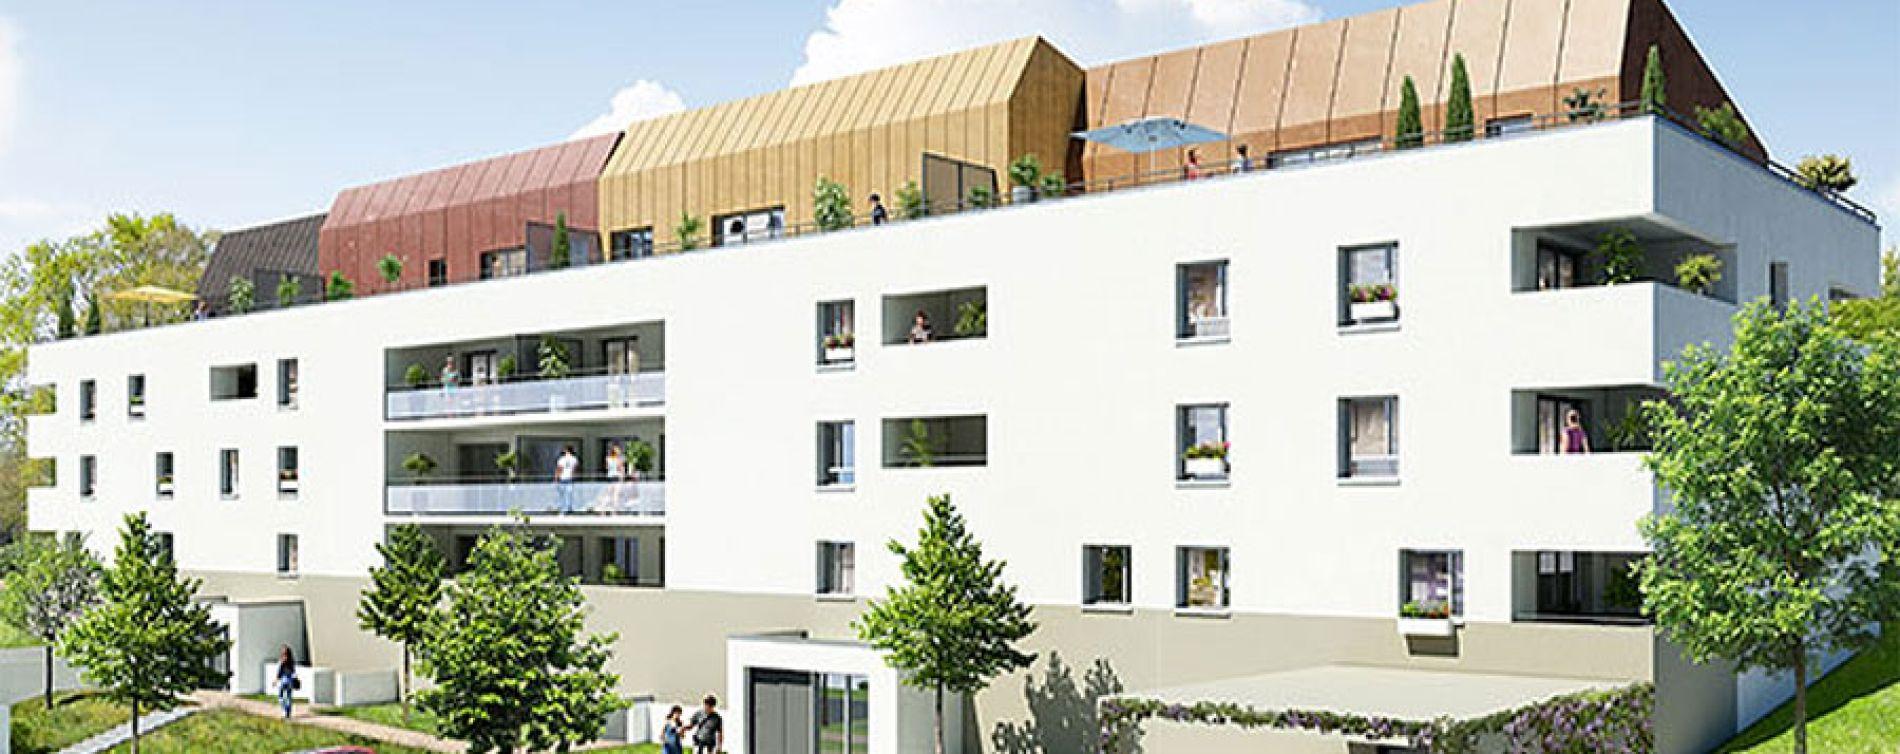 Résidence Les Terrasses de Saint'O à Saint-Orens-de-Gameville